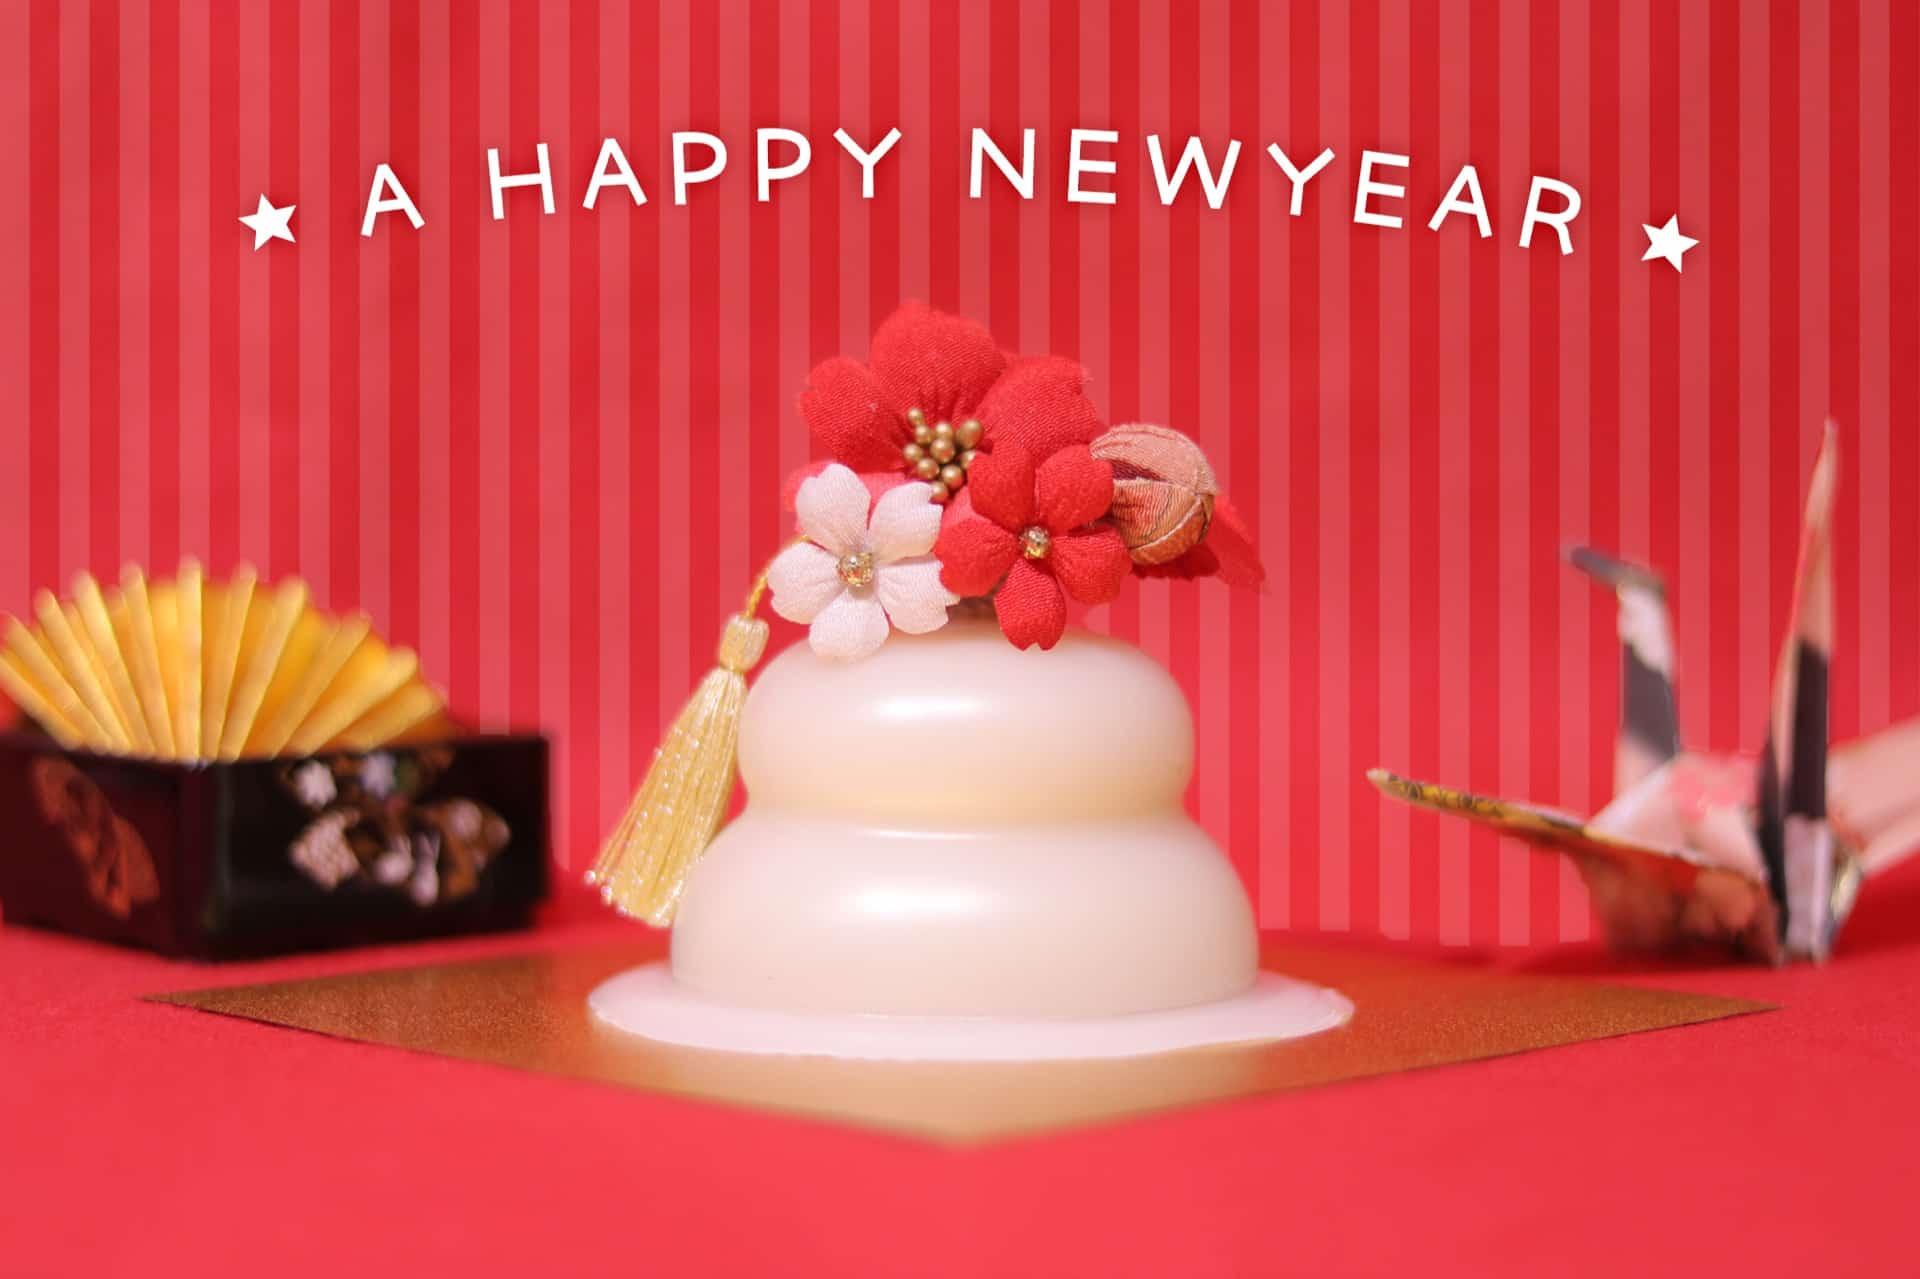 【2020年お正月】神戸で初日の出・初詣・新春バーゲン!年始イベントまとめ